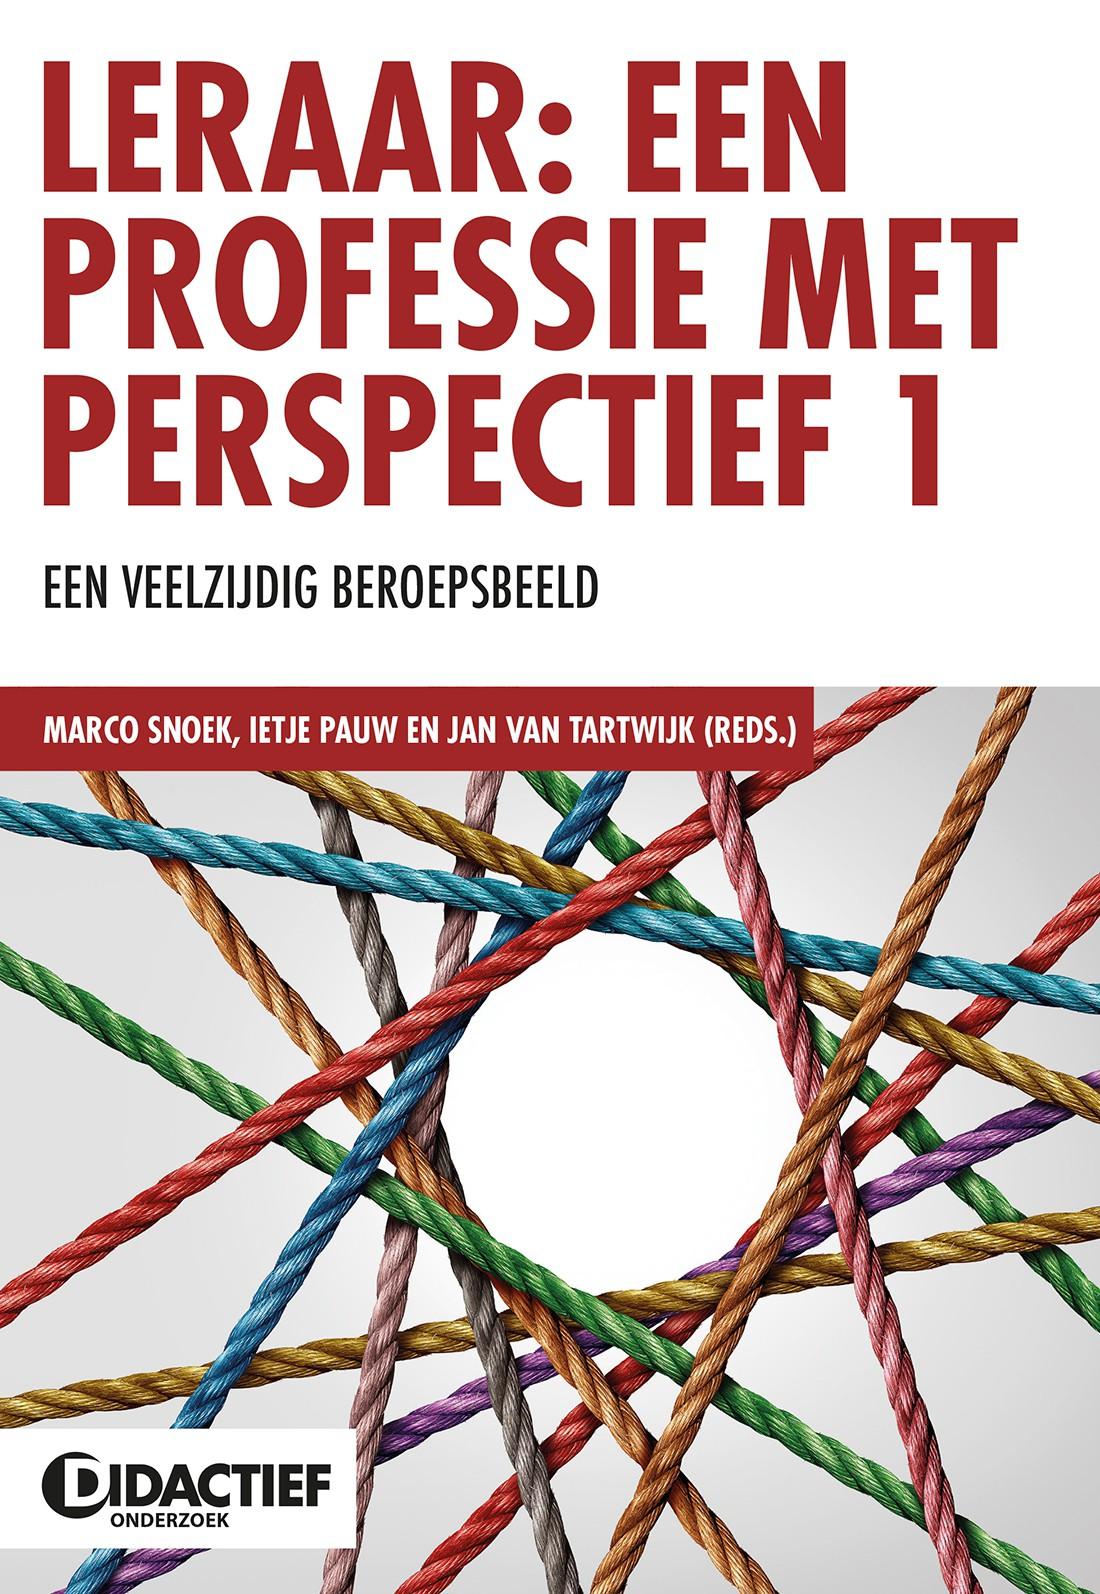 Leraar: een professie met perspectief 1